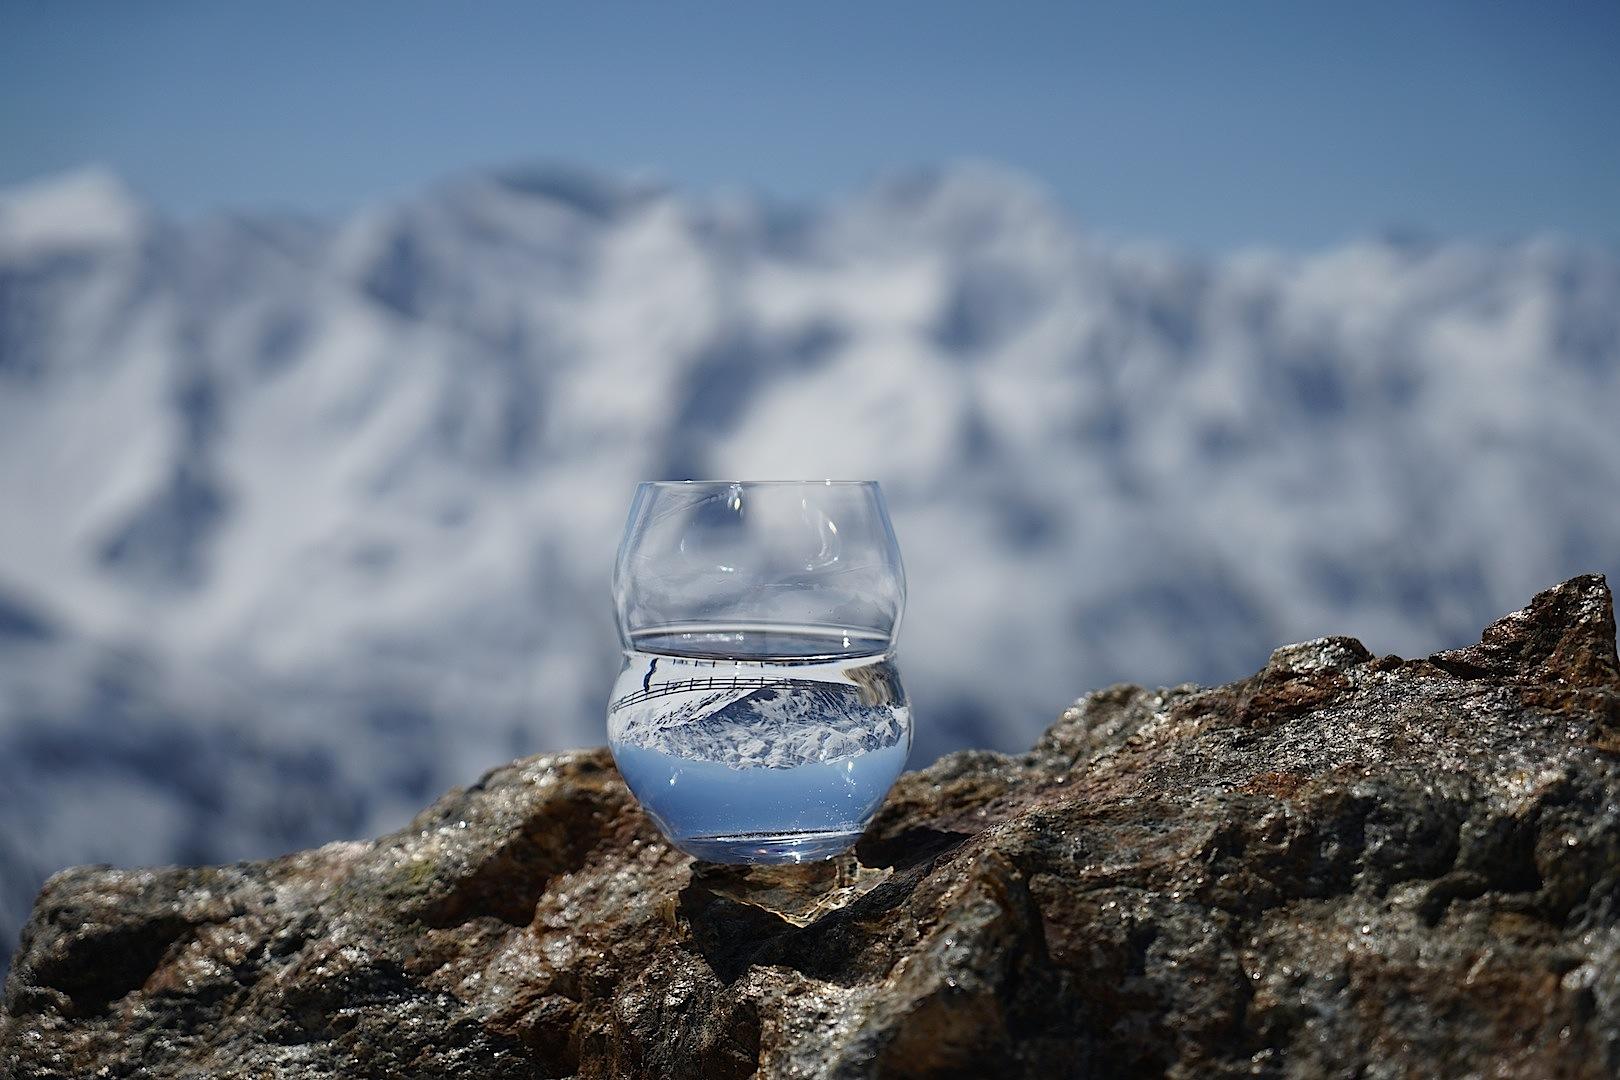 Das formschöne Wasserglas designt by Riedel verleiht Minus 181 eine Extraportion Exklusivität